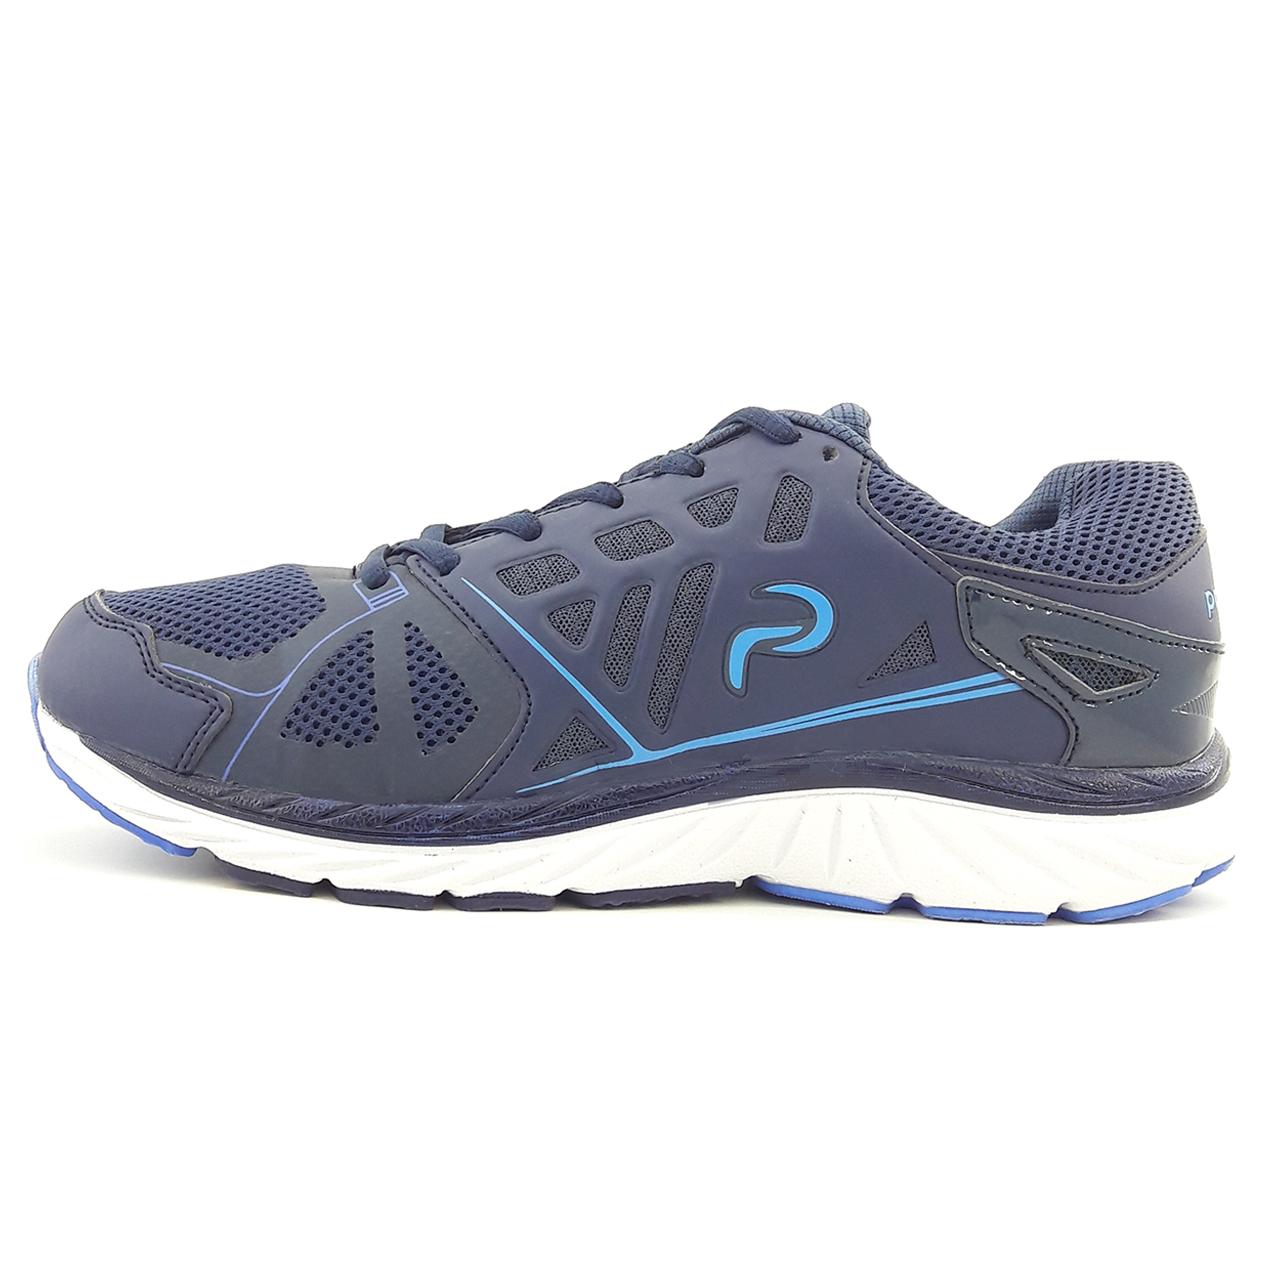 کفش مخصوص دویدن مردانه پادوز مدل Victoria nvy-blu01